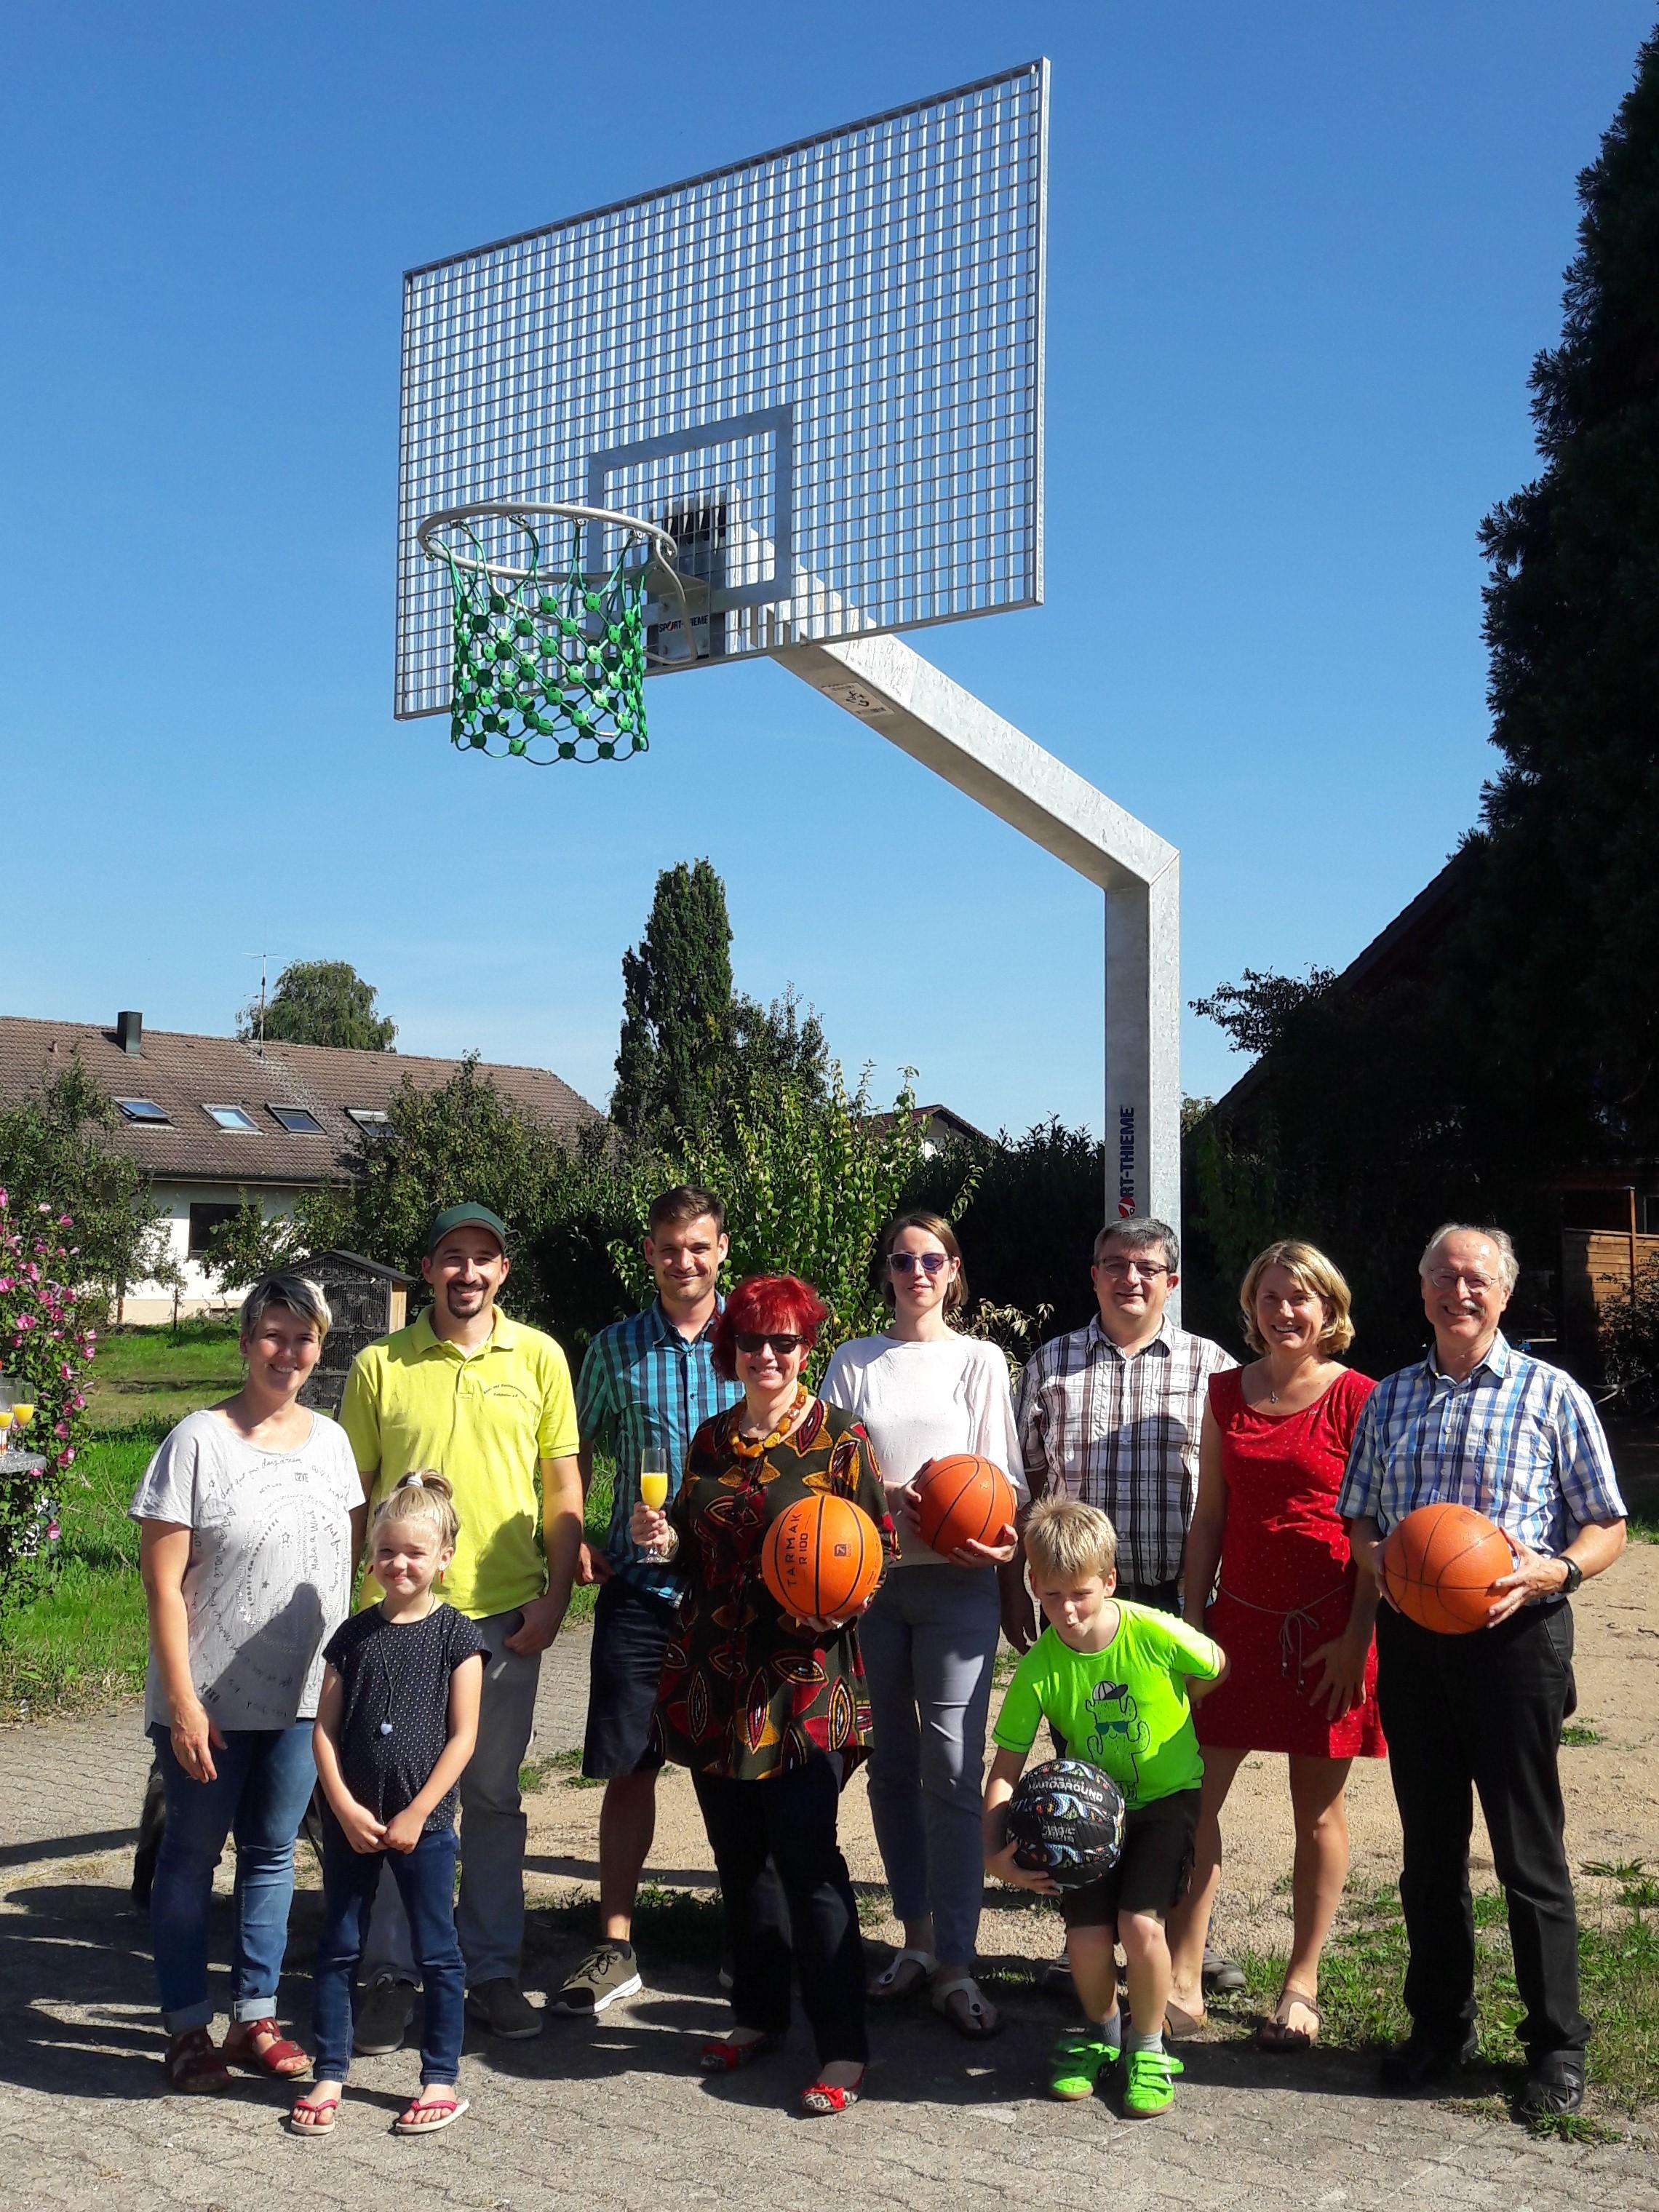 Dorfgemeinschaft stiftet Basketballkorb